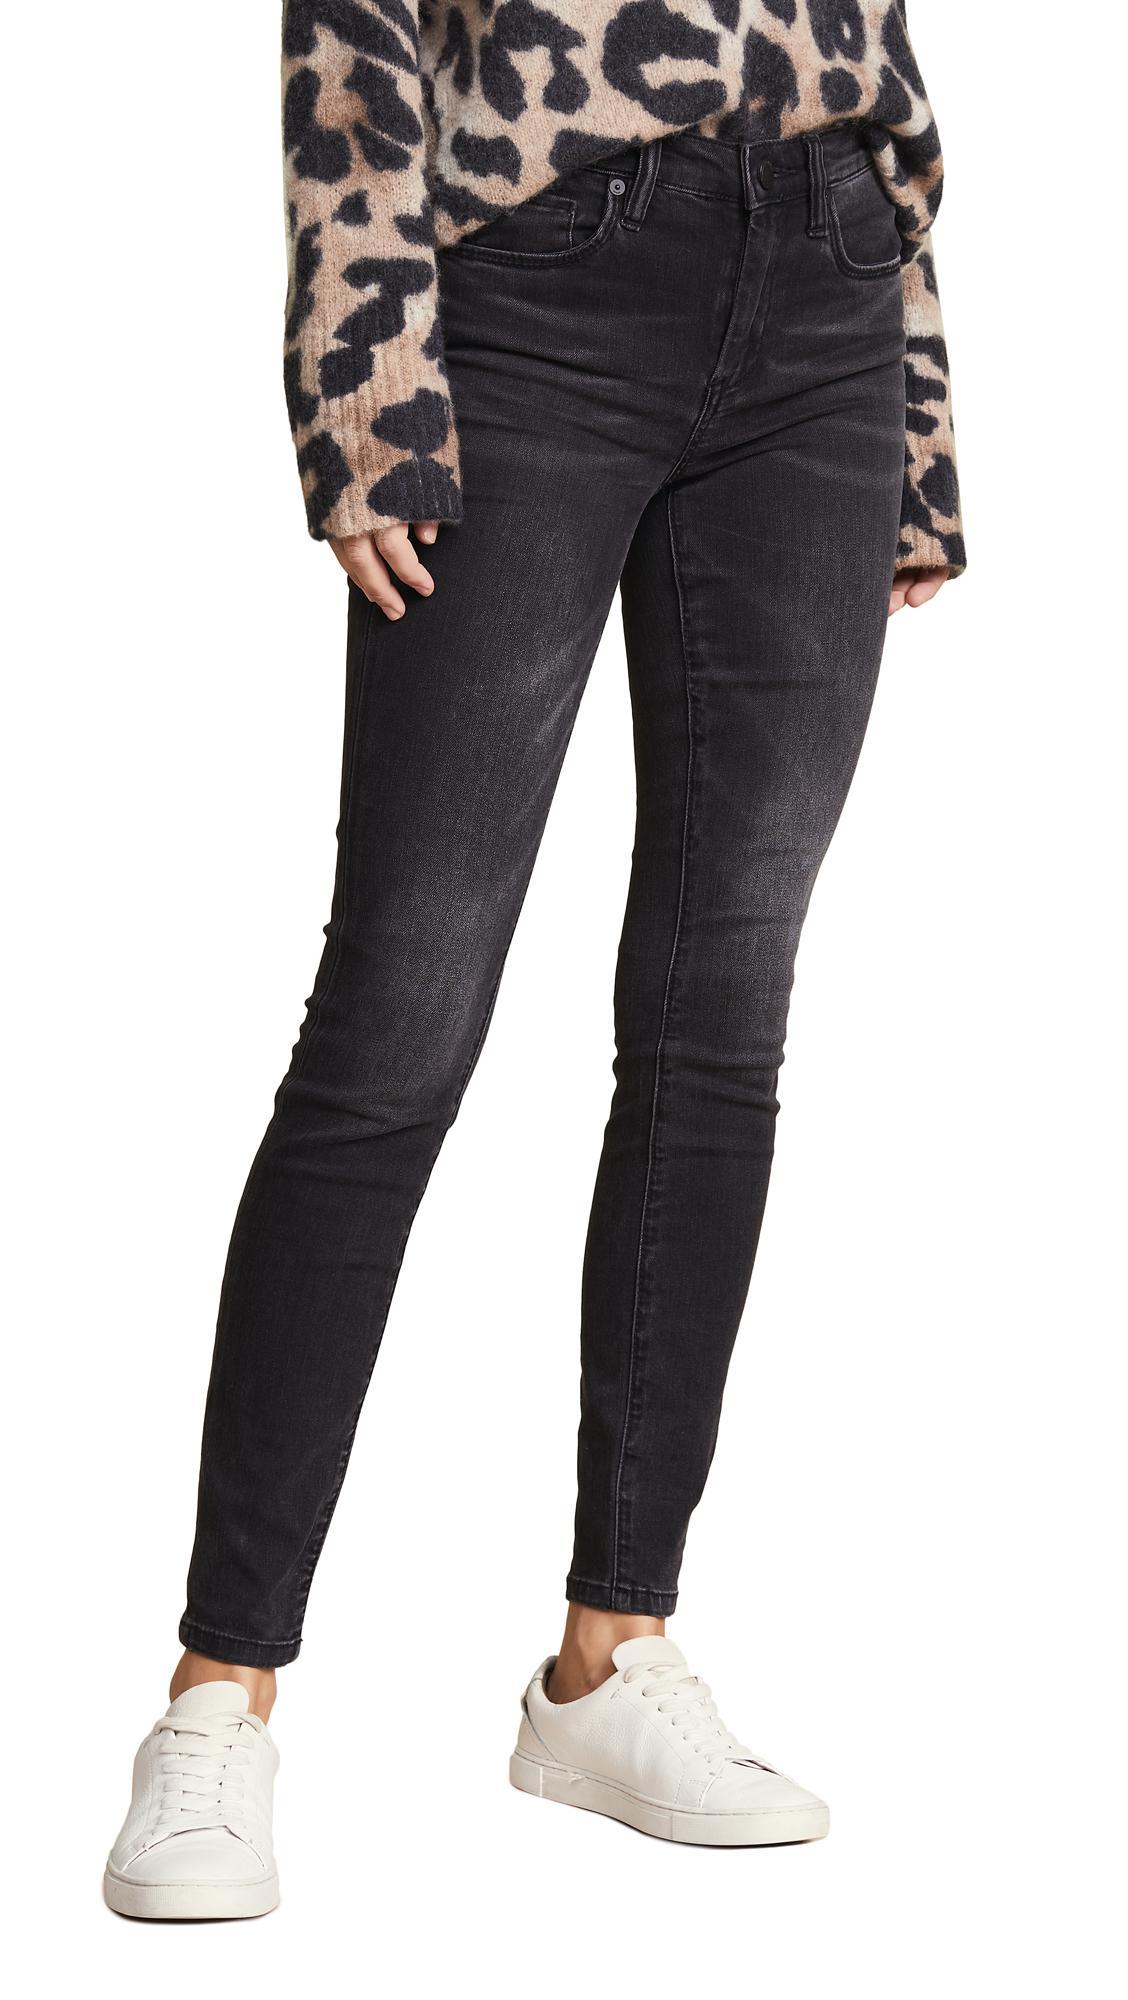 Blank Denim The Bond Mid Rise Skinny Jeans In 0 Dark 30